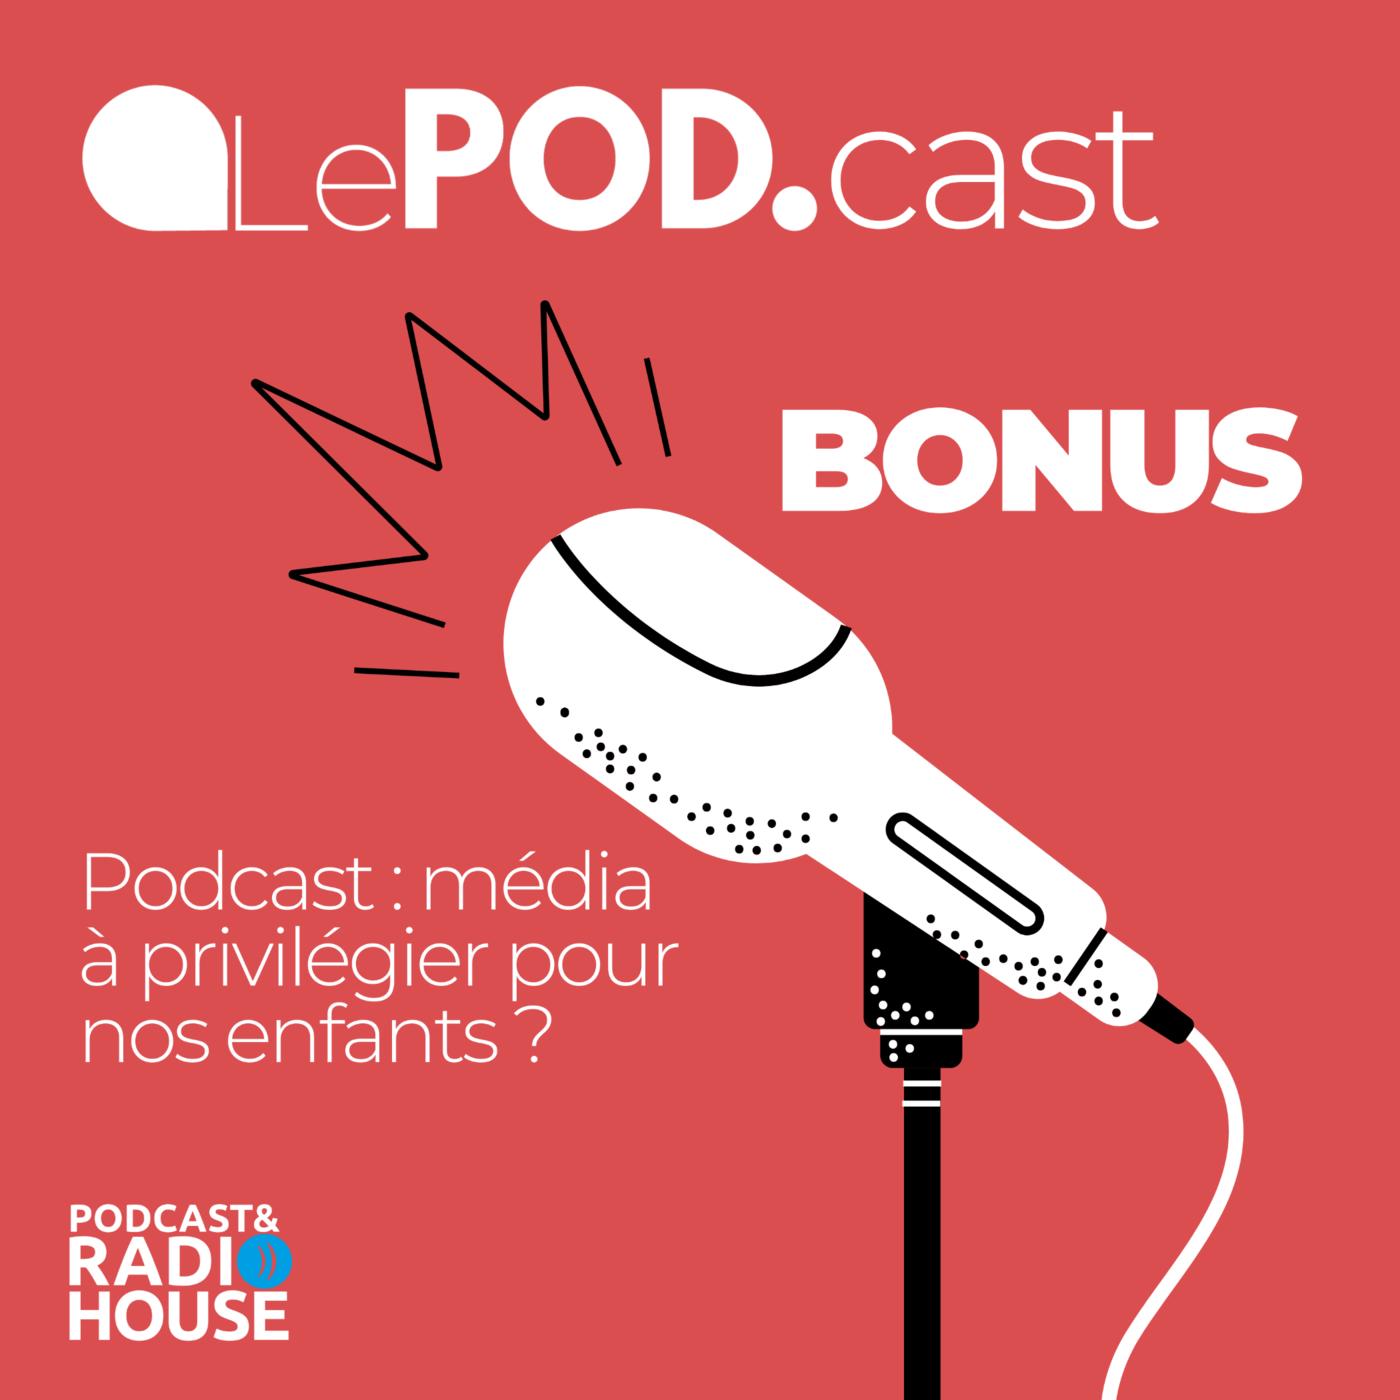 BONUS -  Podcast : média à privilégier pour nos enfants ? - Le POD.